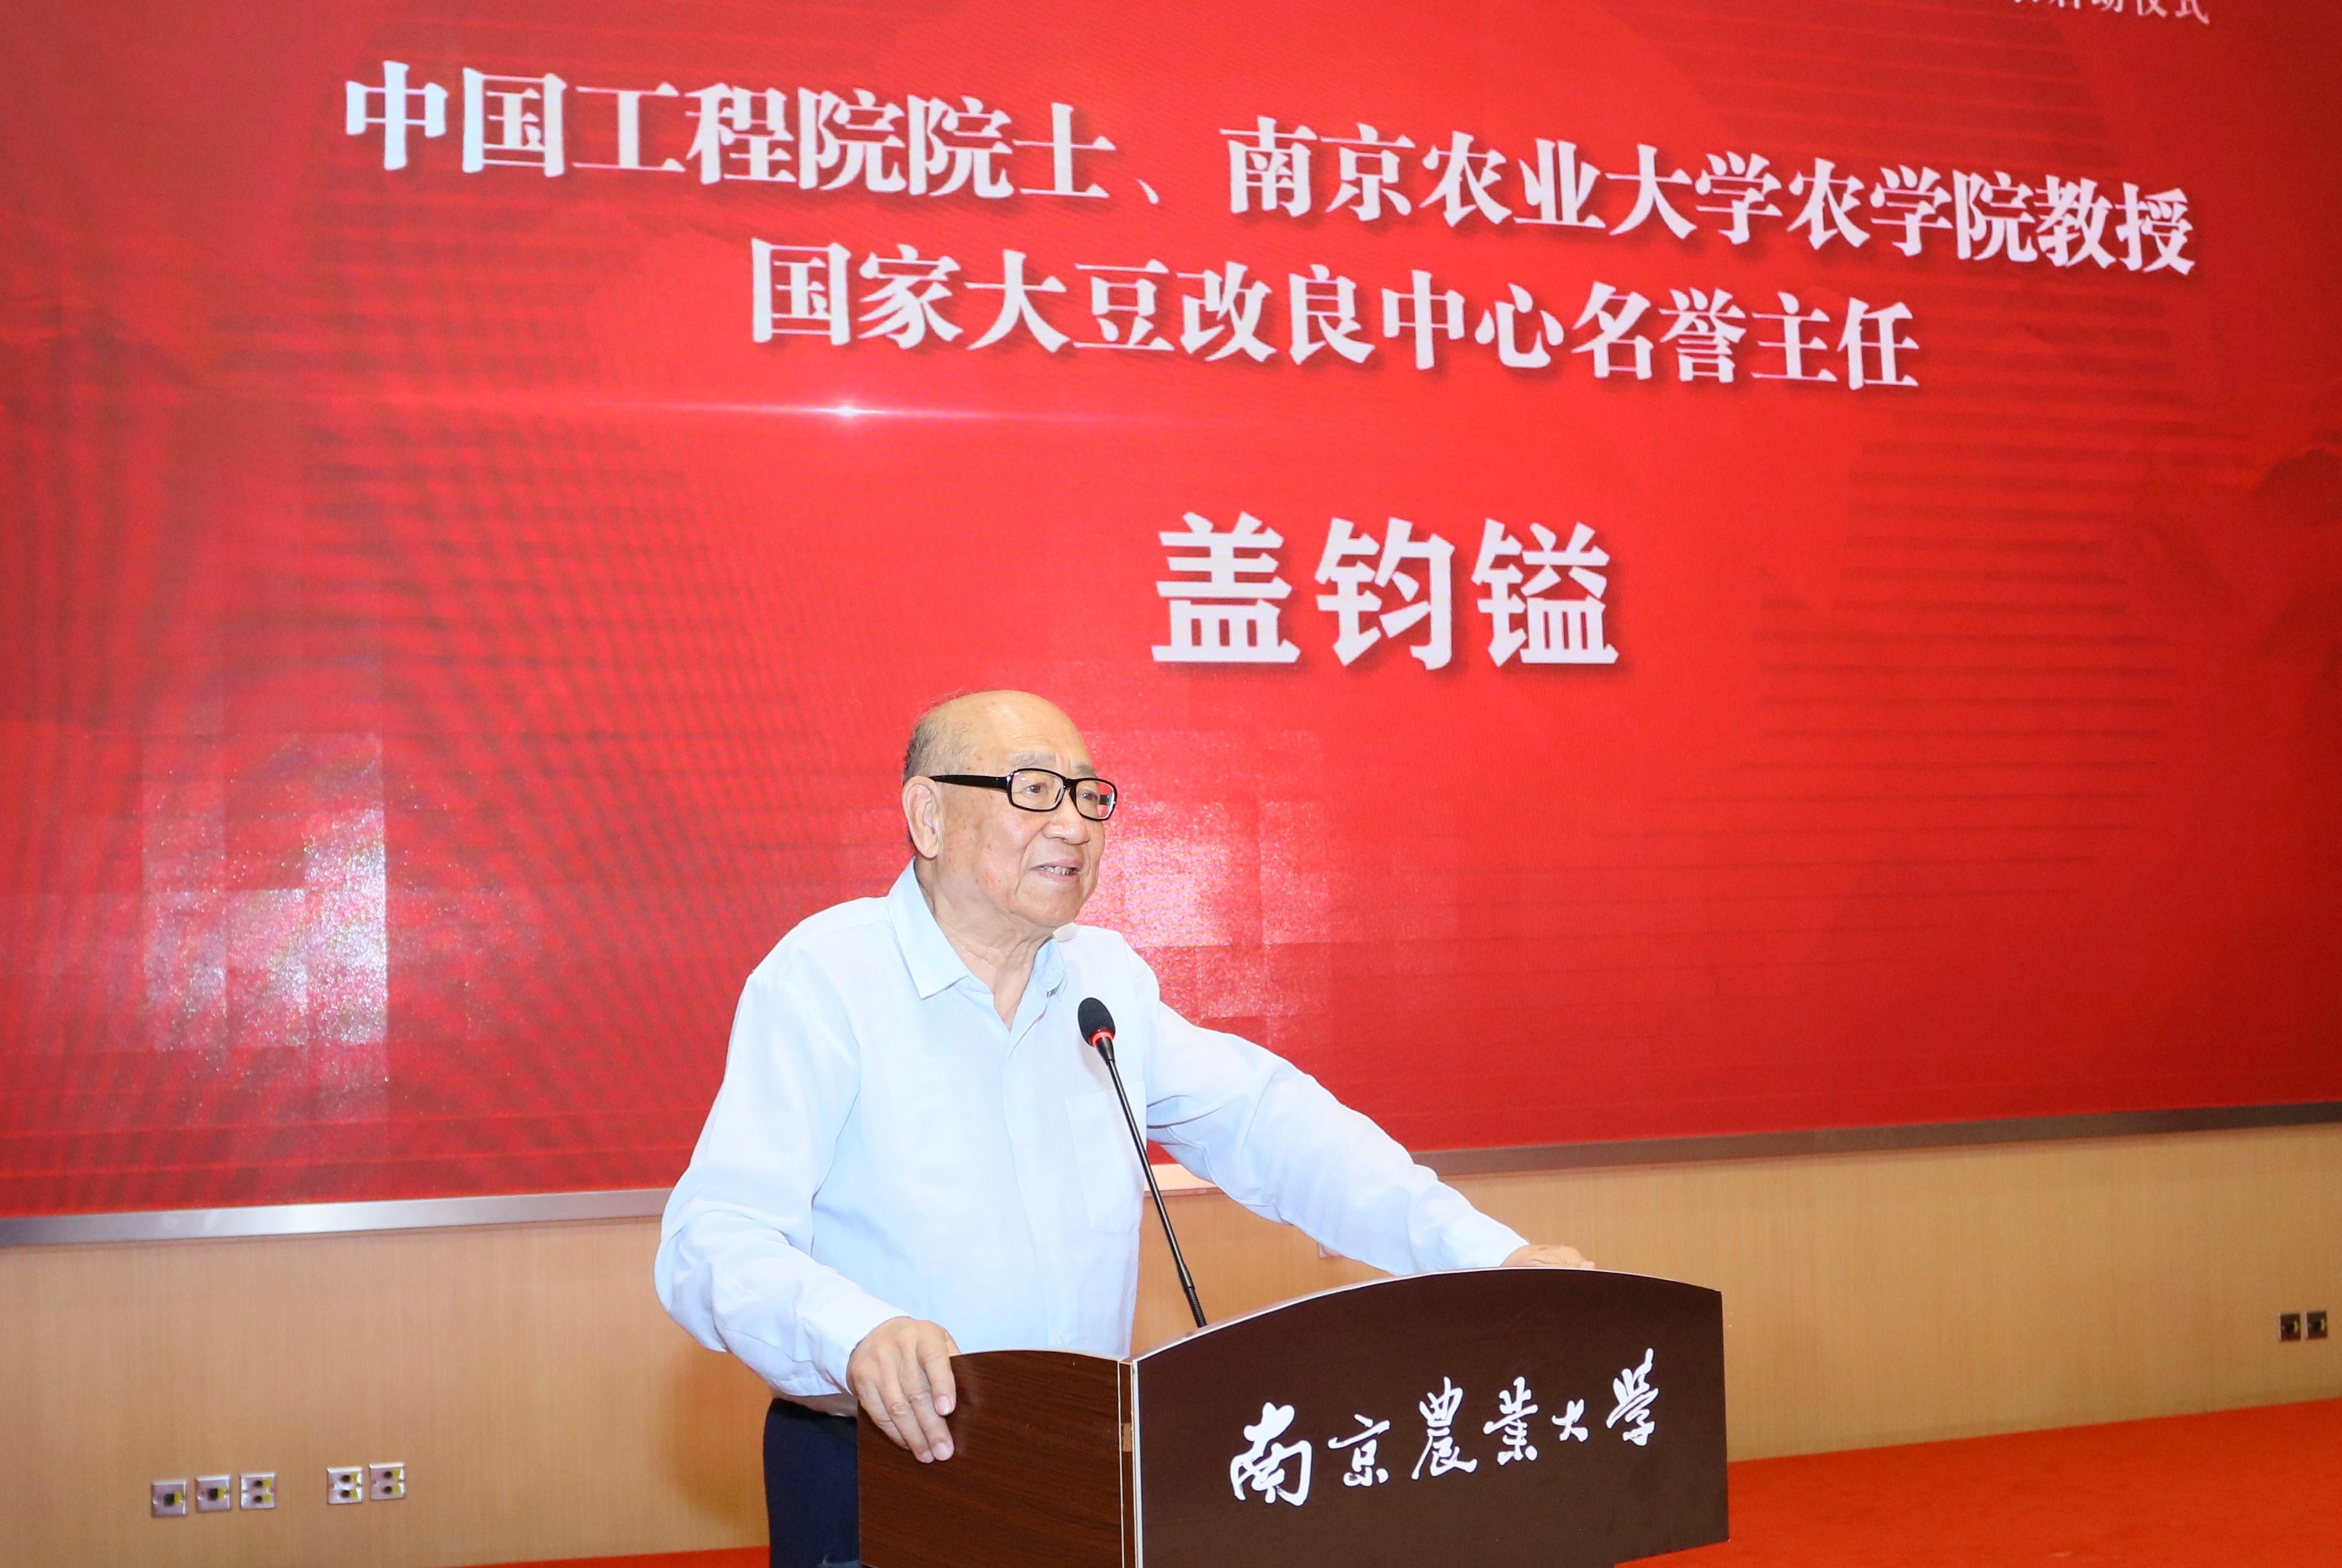 中国工程院院士、大赢家体育农学院教授盖钧镒院士致辞